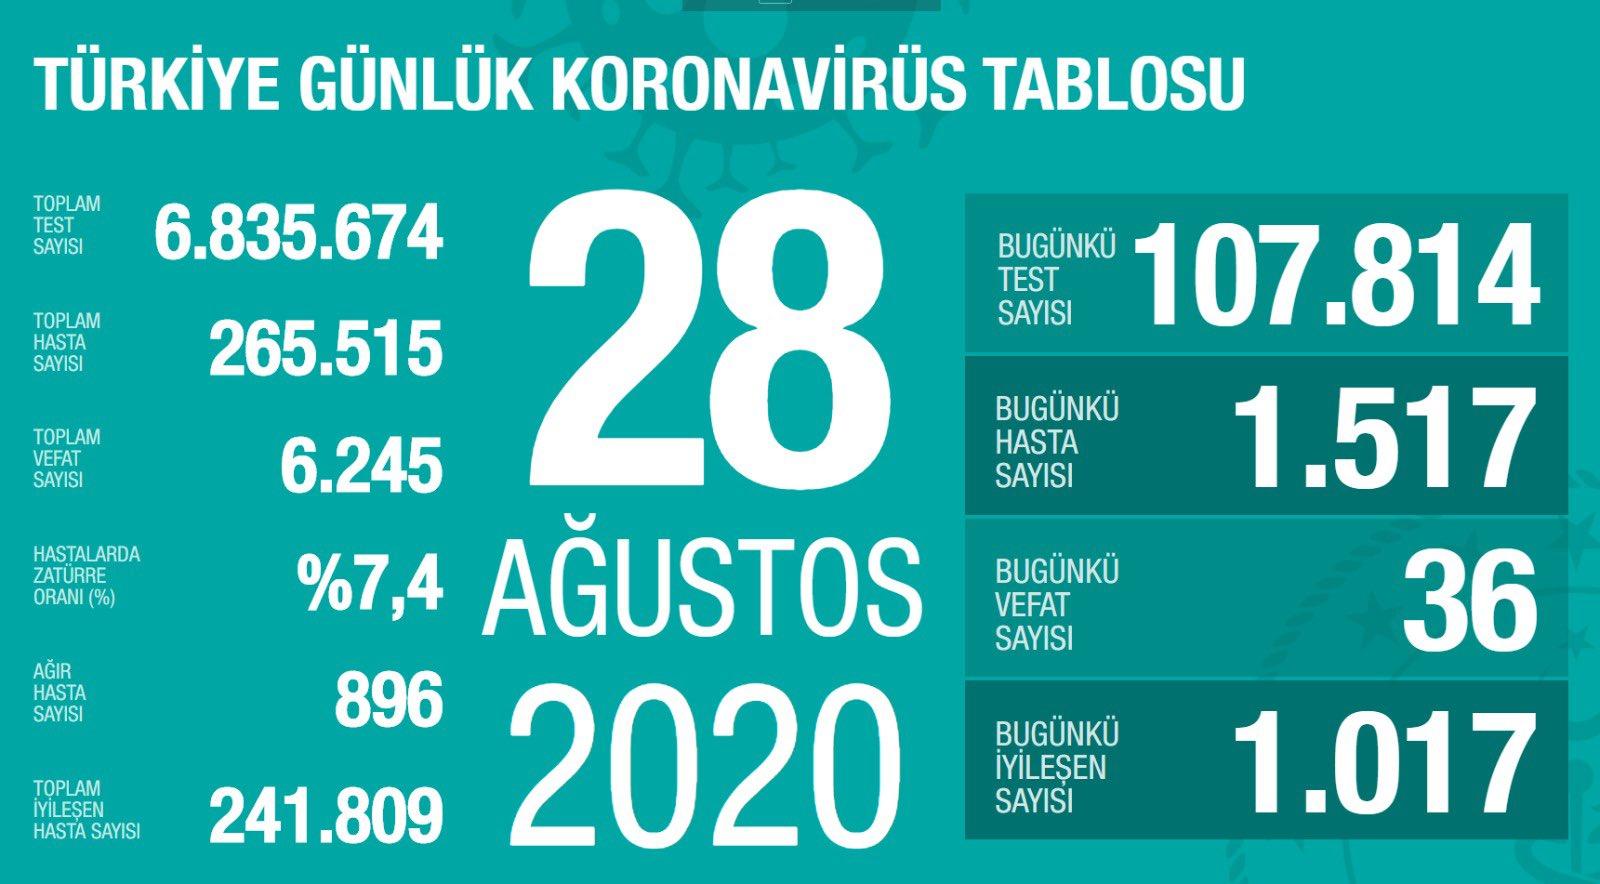 Türkiye nin güncel koronavirüs verileri #1